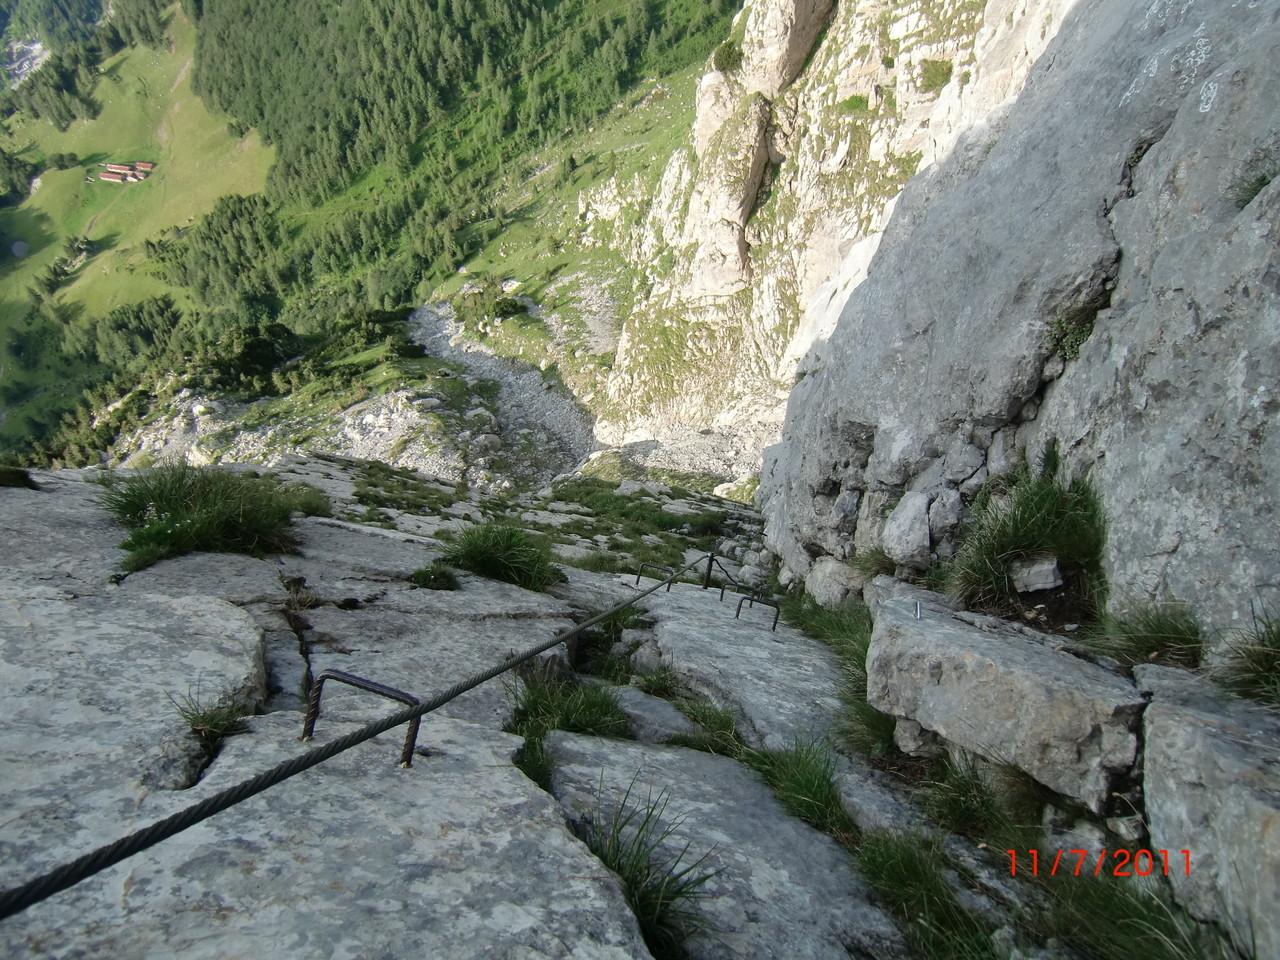 Klettersteig Soca Quelle : Cellon klettersteig 11.07.2011 unterwegs im dreiländereck